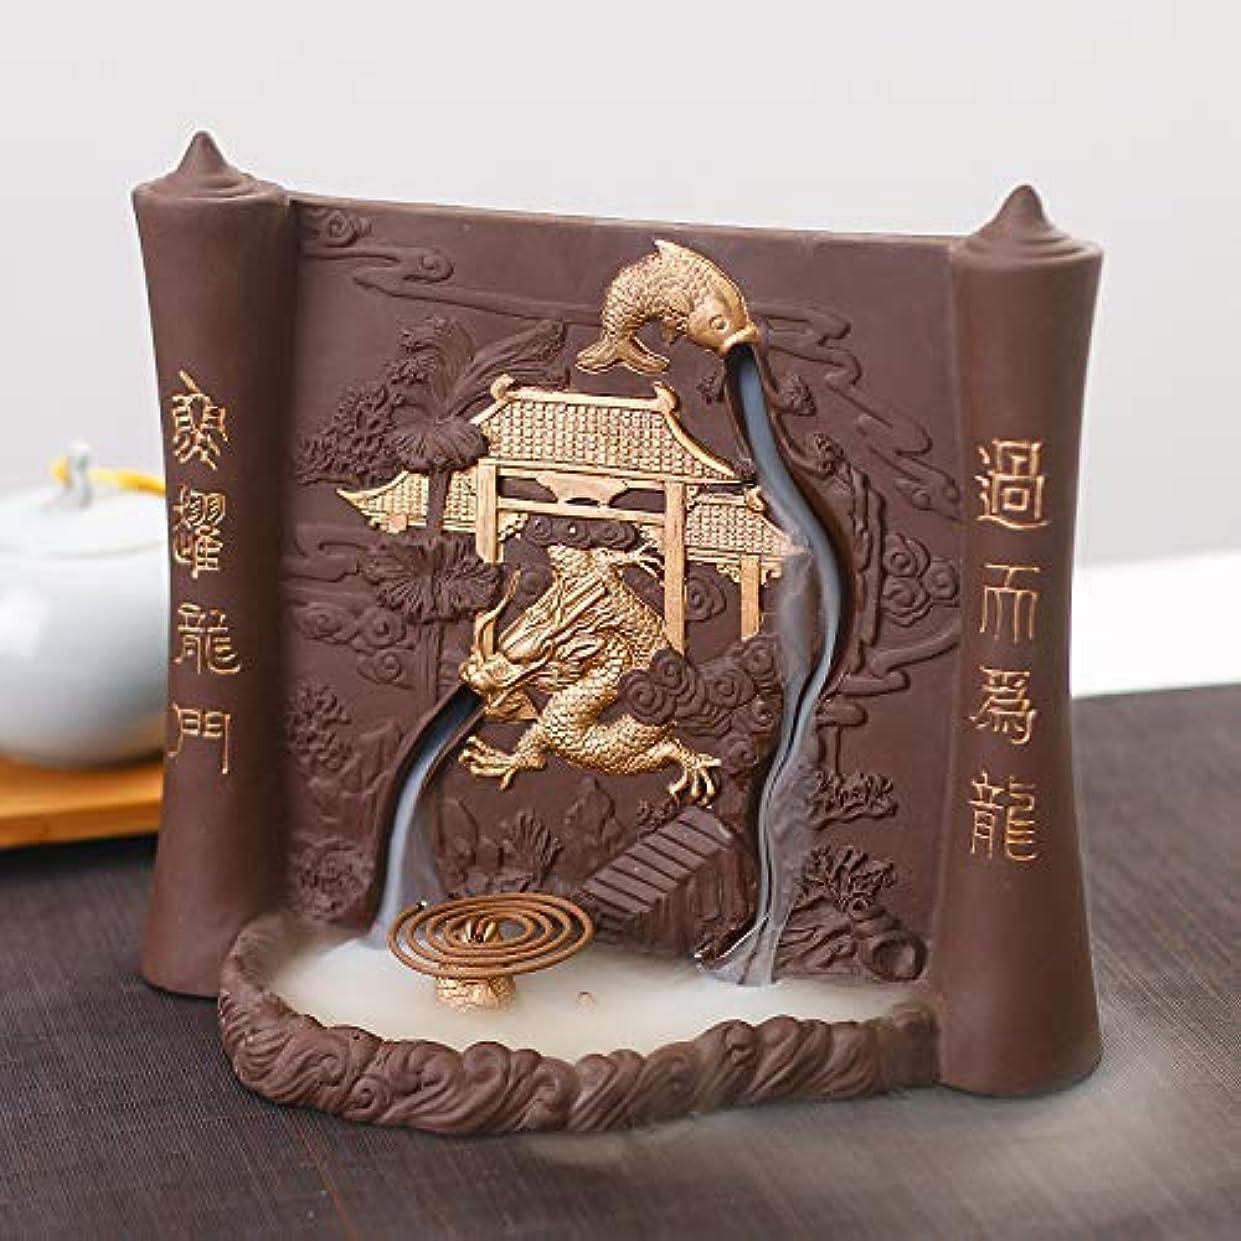 区別する五過度のPHILOGOD 香炉 陶器漢字彫刻レリーフ手作り逆流香炉 線香立て デュアルユース お香 ホルダー